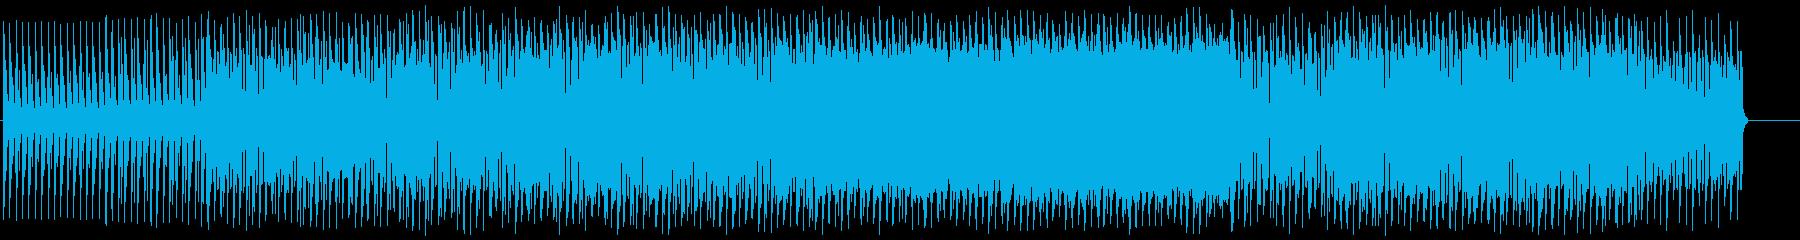 メカニカルでイケイケな軽快テクノの再生済みの波形